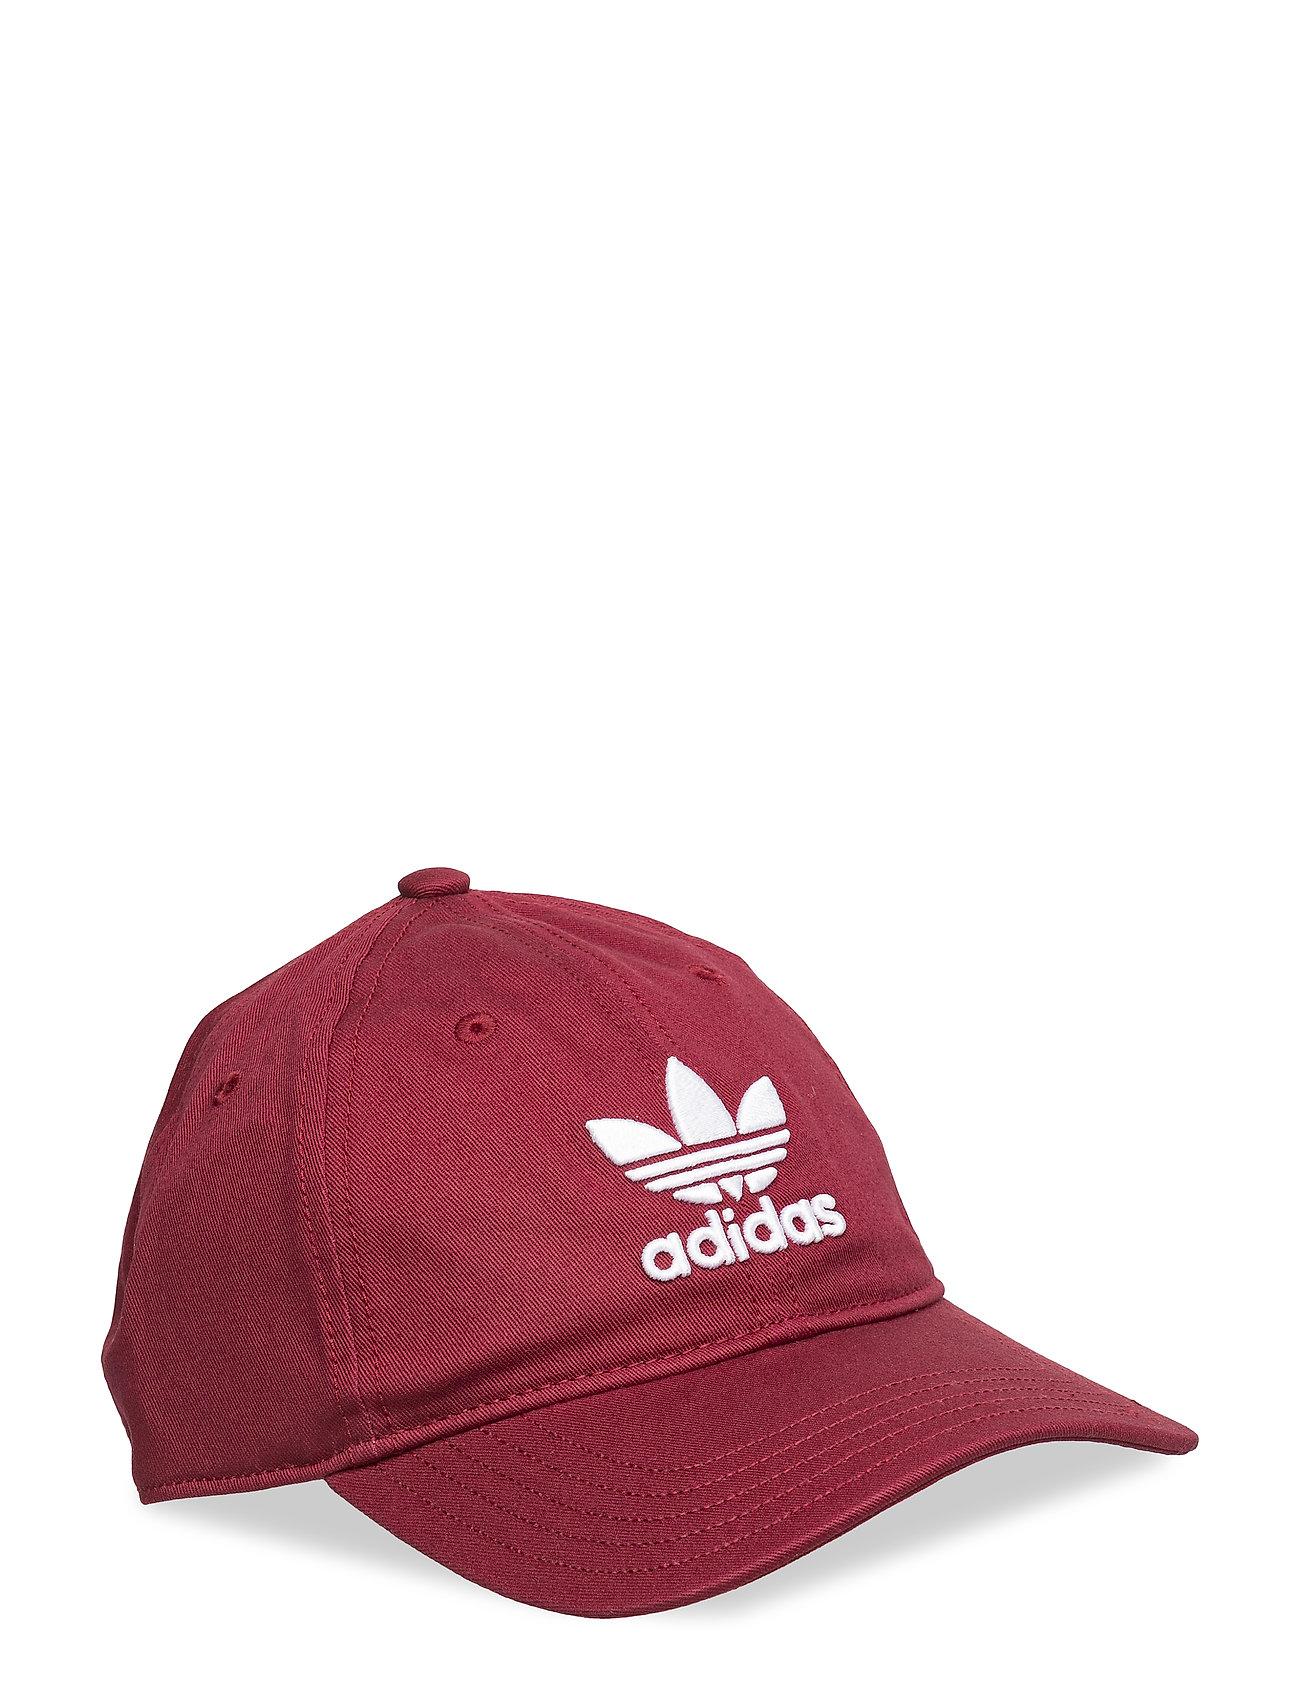 d6a408ffc3e adidas Originals Trefoil Cap (Cburgu white)